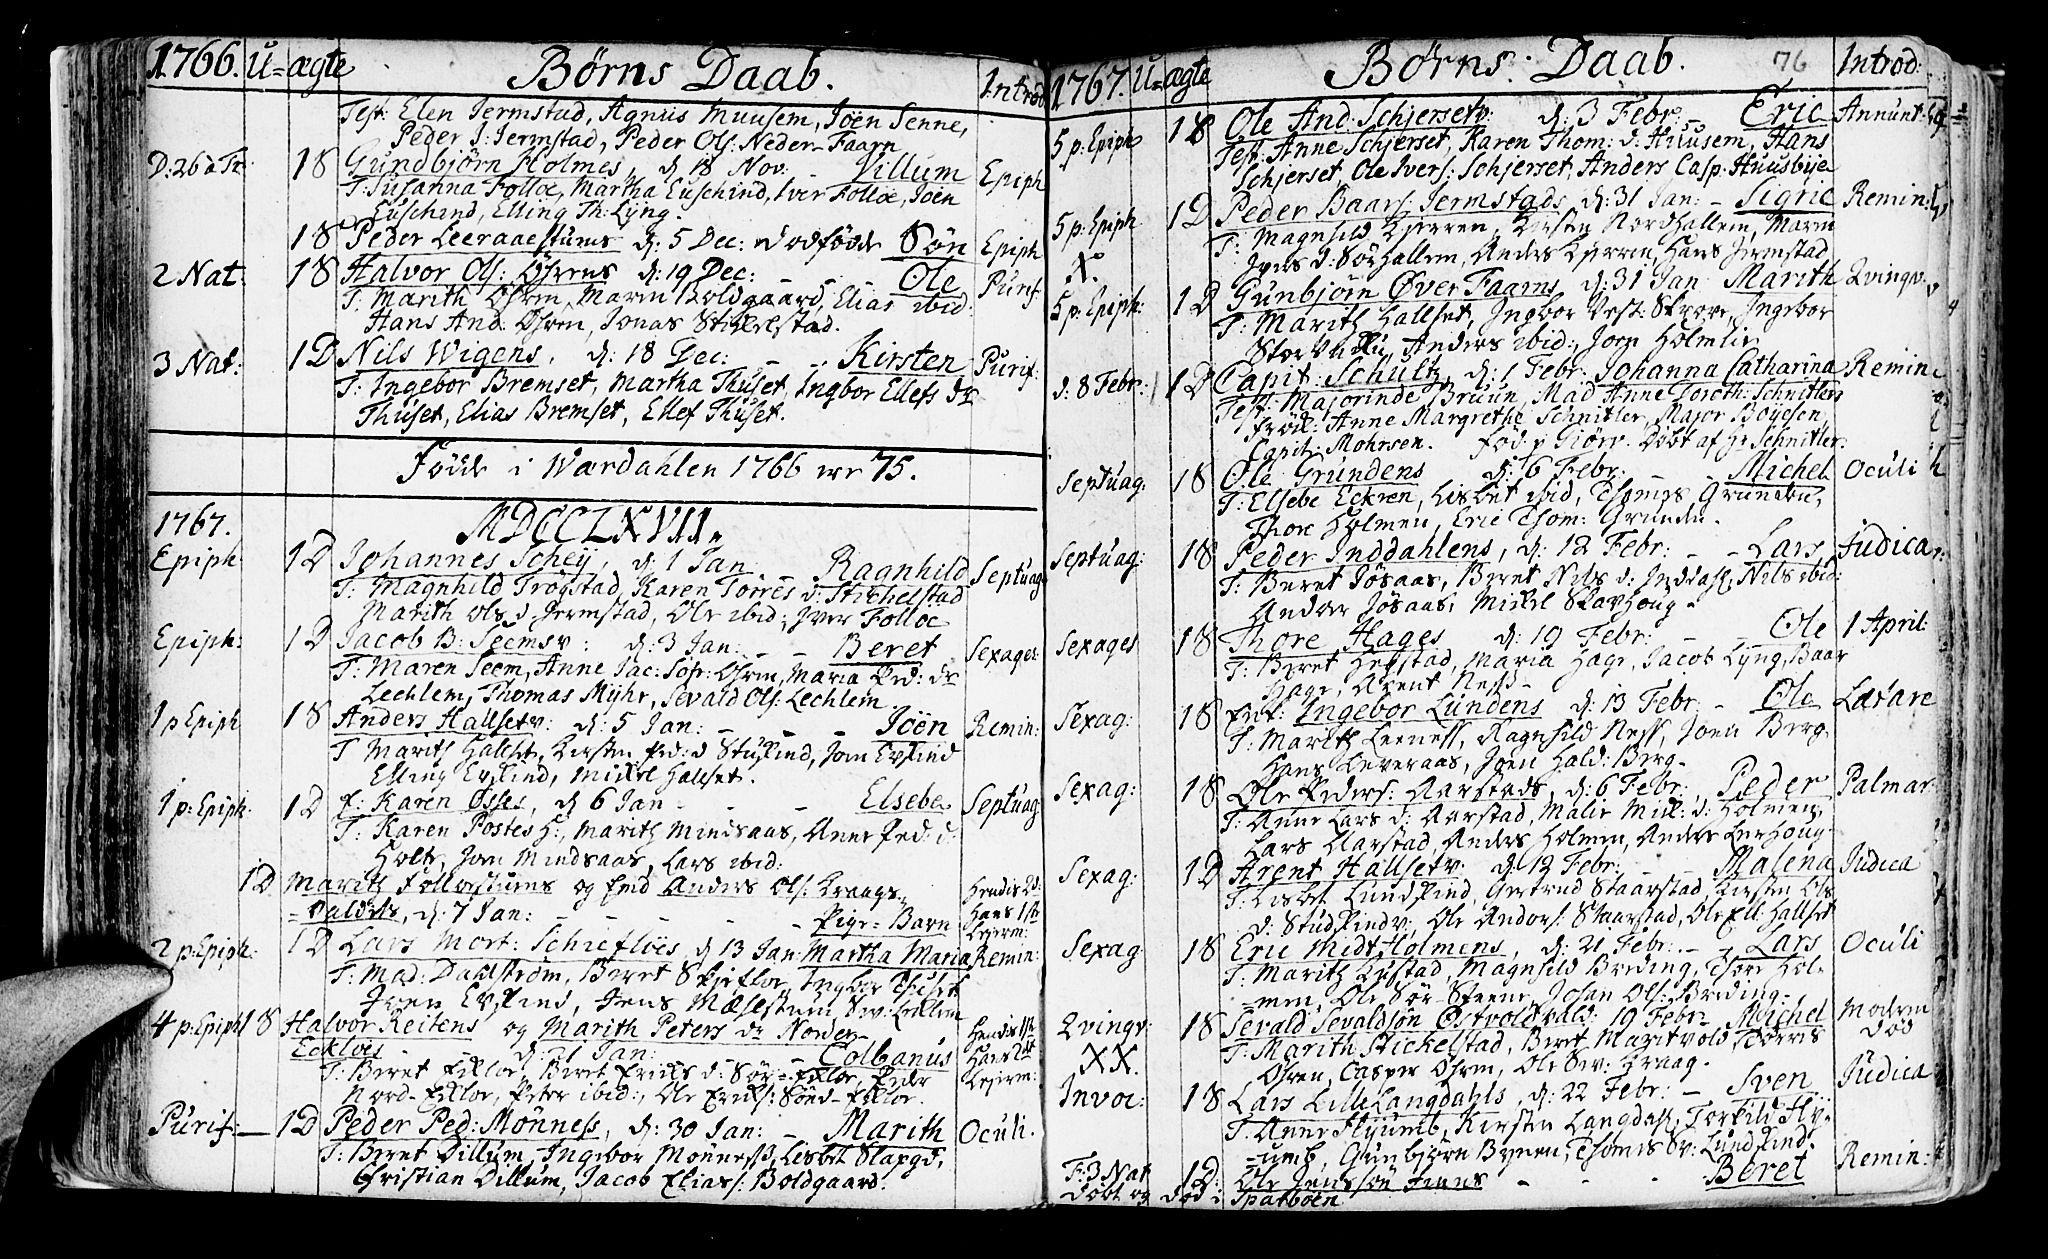 SAT, Ministerialprotokoller, klokkerbøker og fødselsregistre - Nord-Trøndelag, 723/L0231: Ministerialbok nr. 723A02, 1748-1780, s. 76